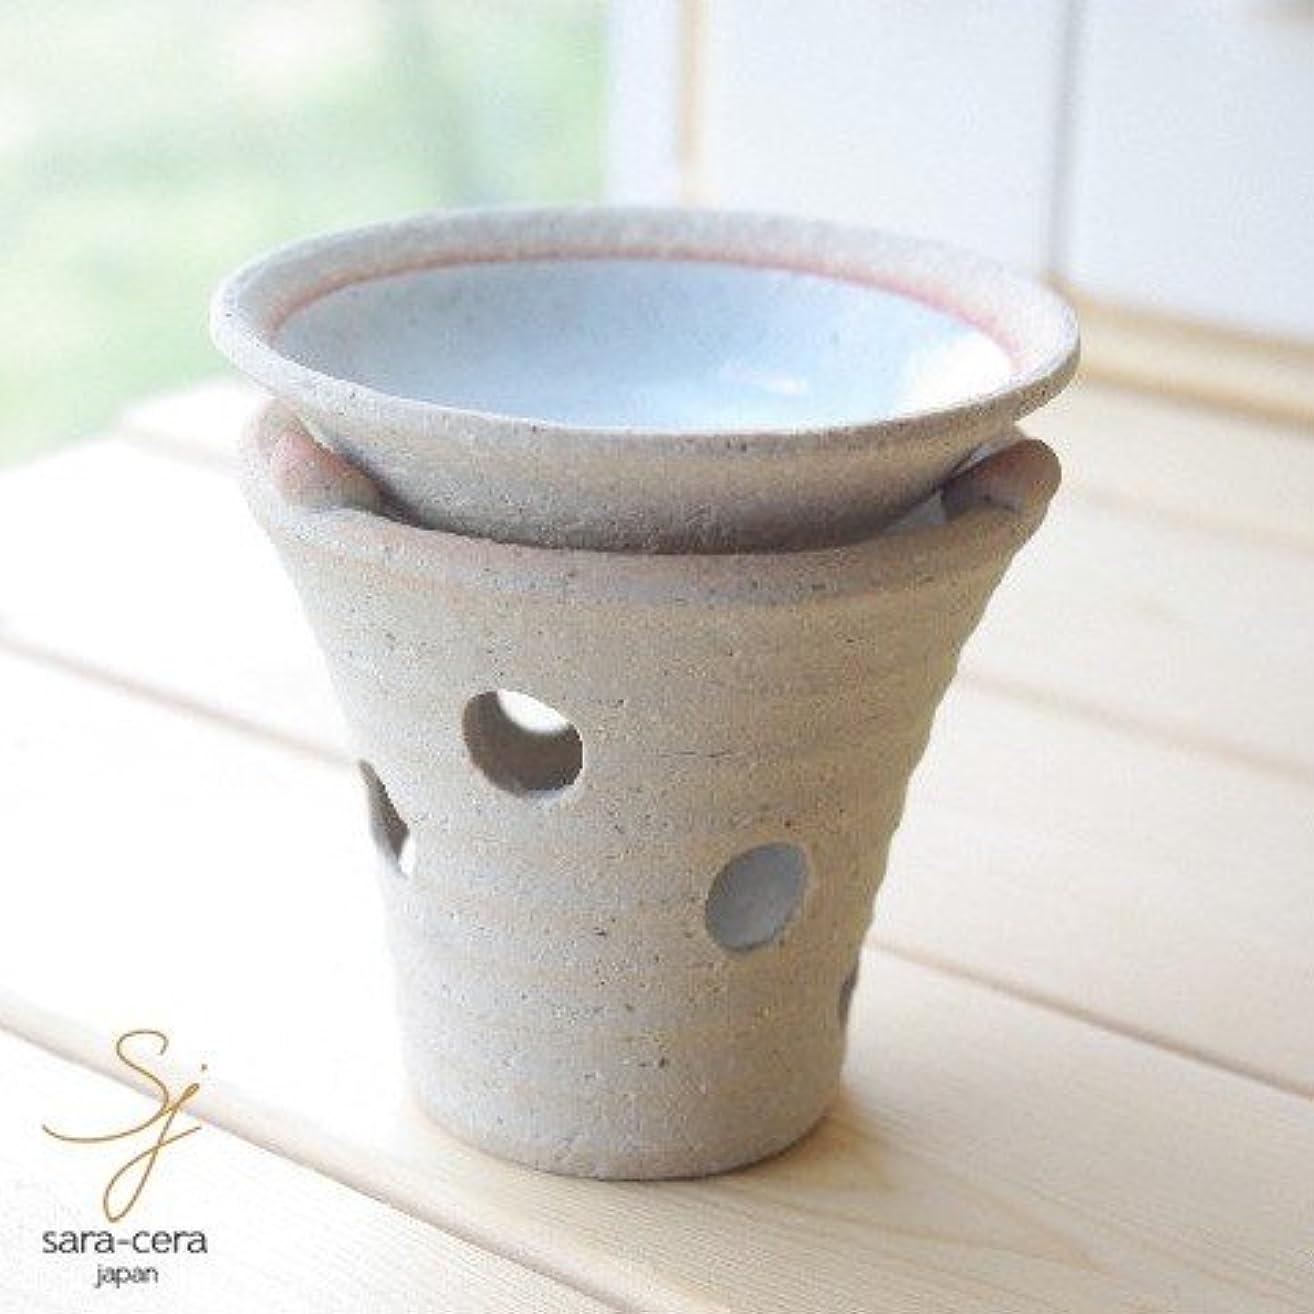 参照タクトナインへ松助窯 手作り茶香炉セット 白釉 ホワイト アロマ 和食器 リビング